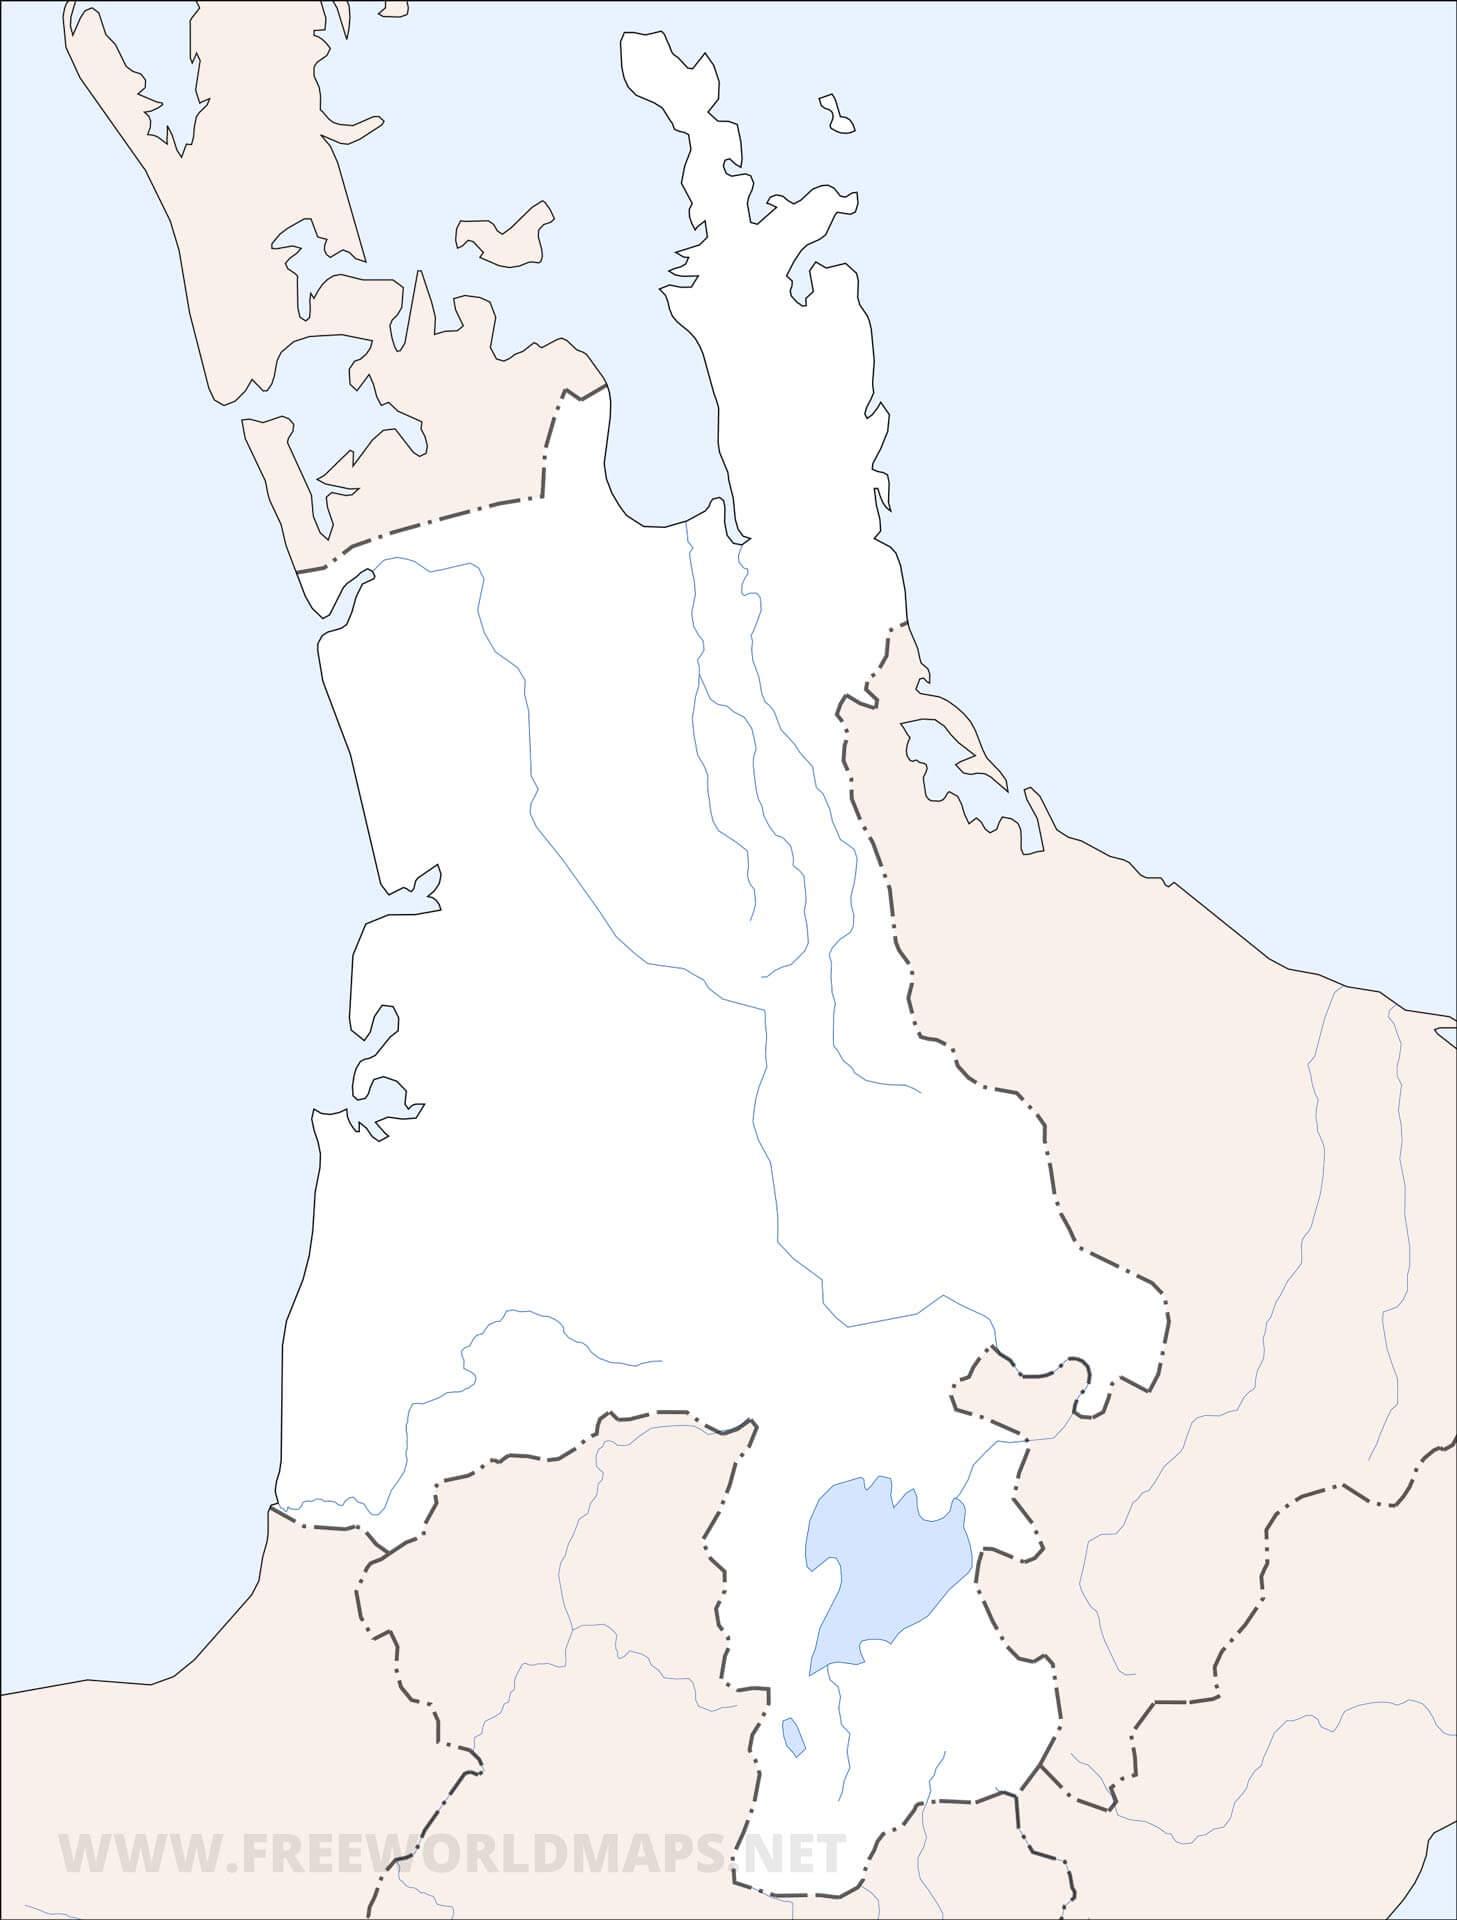 Waikato New Zealand Map.Waikato Maps Nz